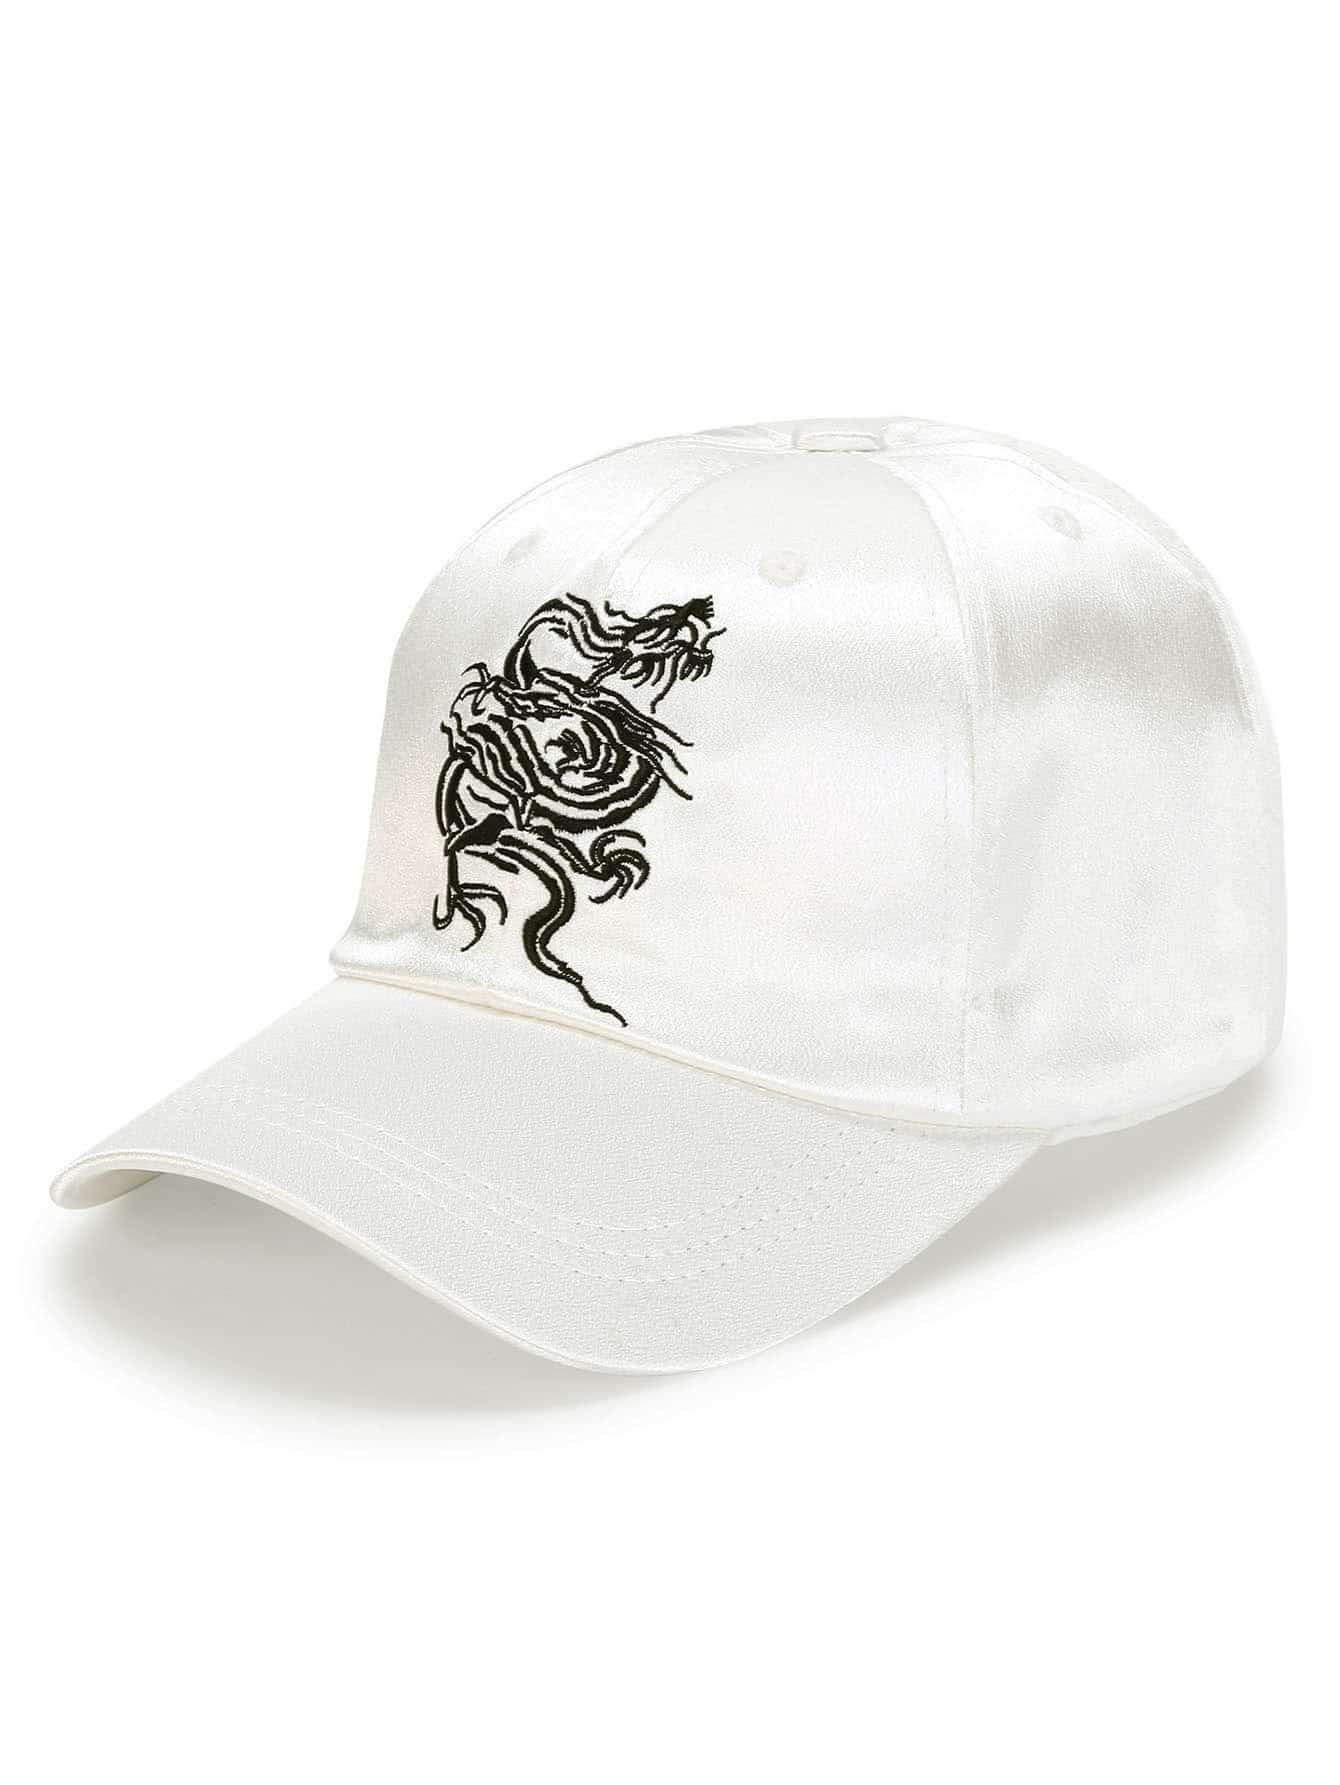 Фото Embroidery Dragon Satin Baseball Cap. Купить с доставкой